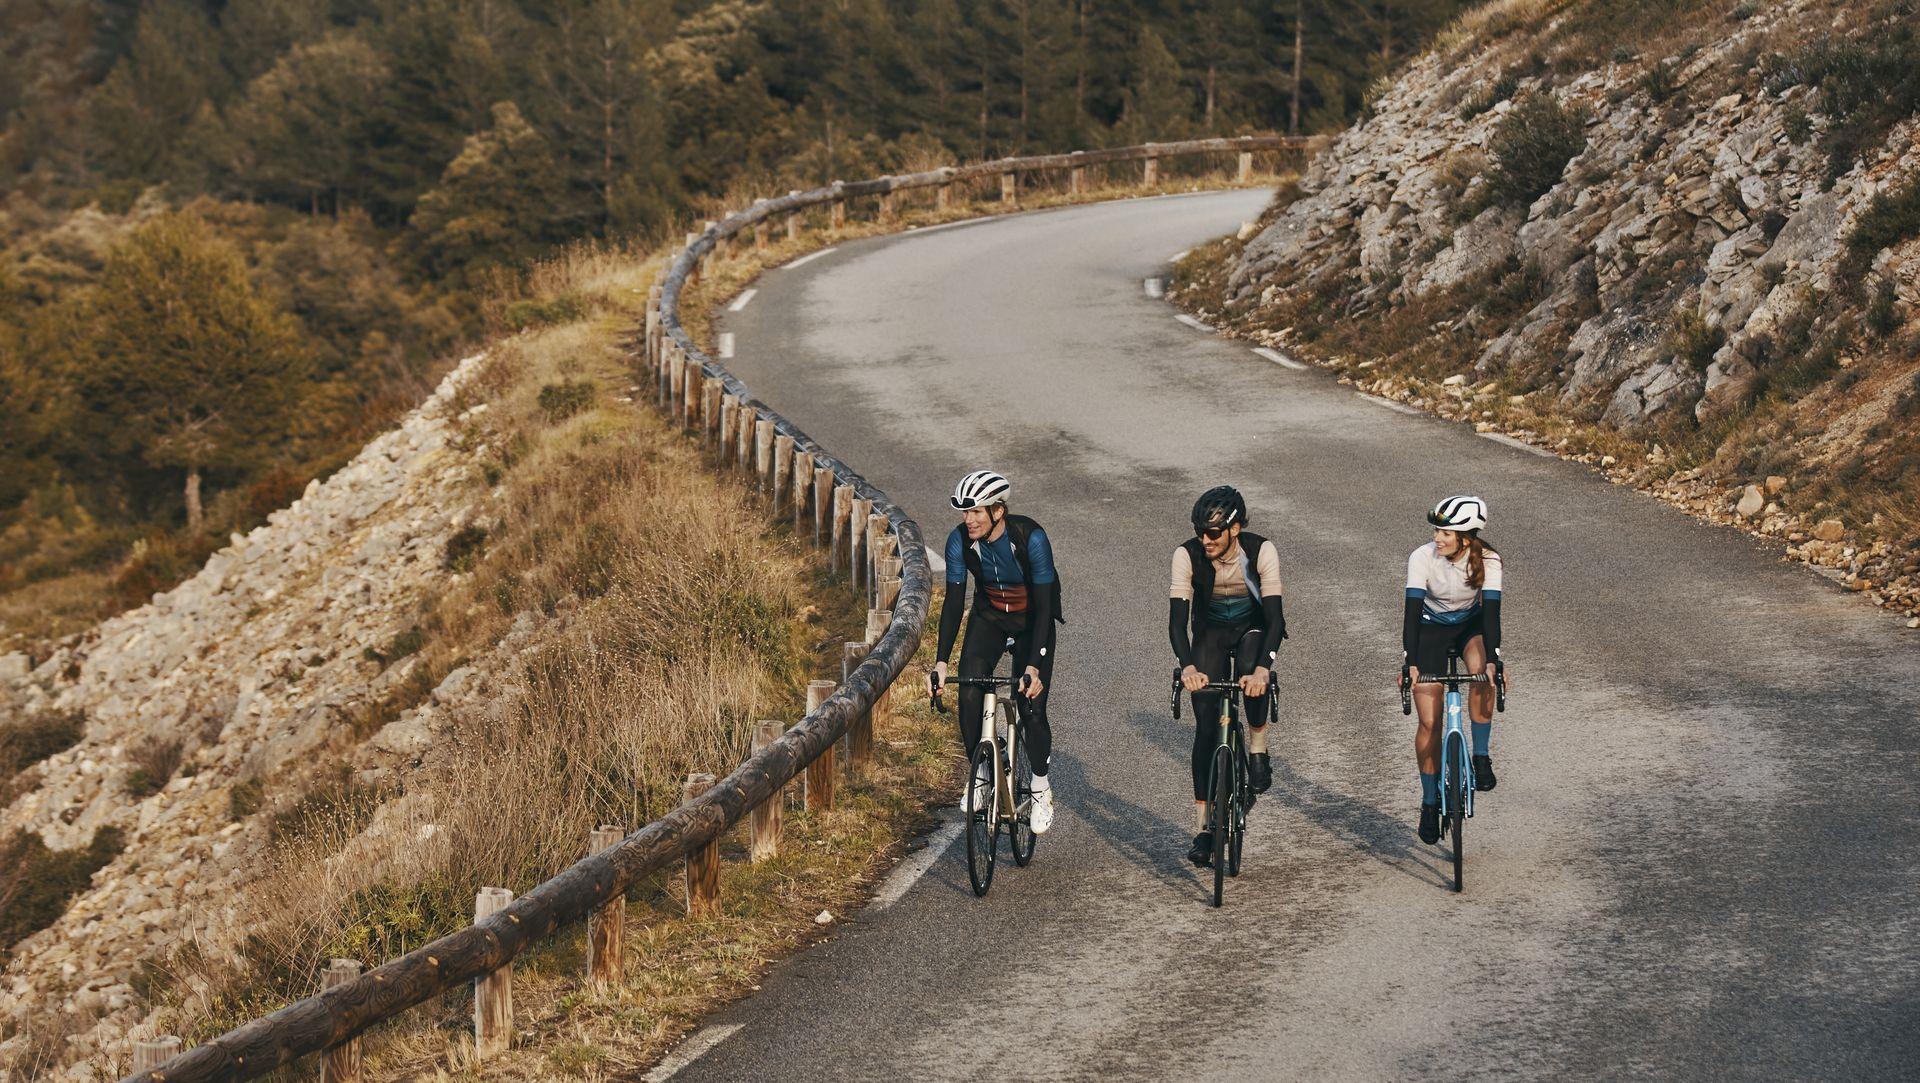 Fahrradfahrer fahren nebeneinander auf ihren Lapierre Rennrädern die Straße hoch